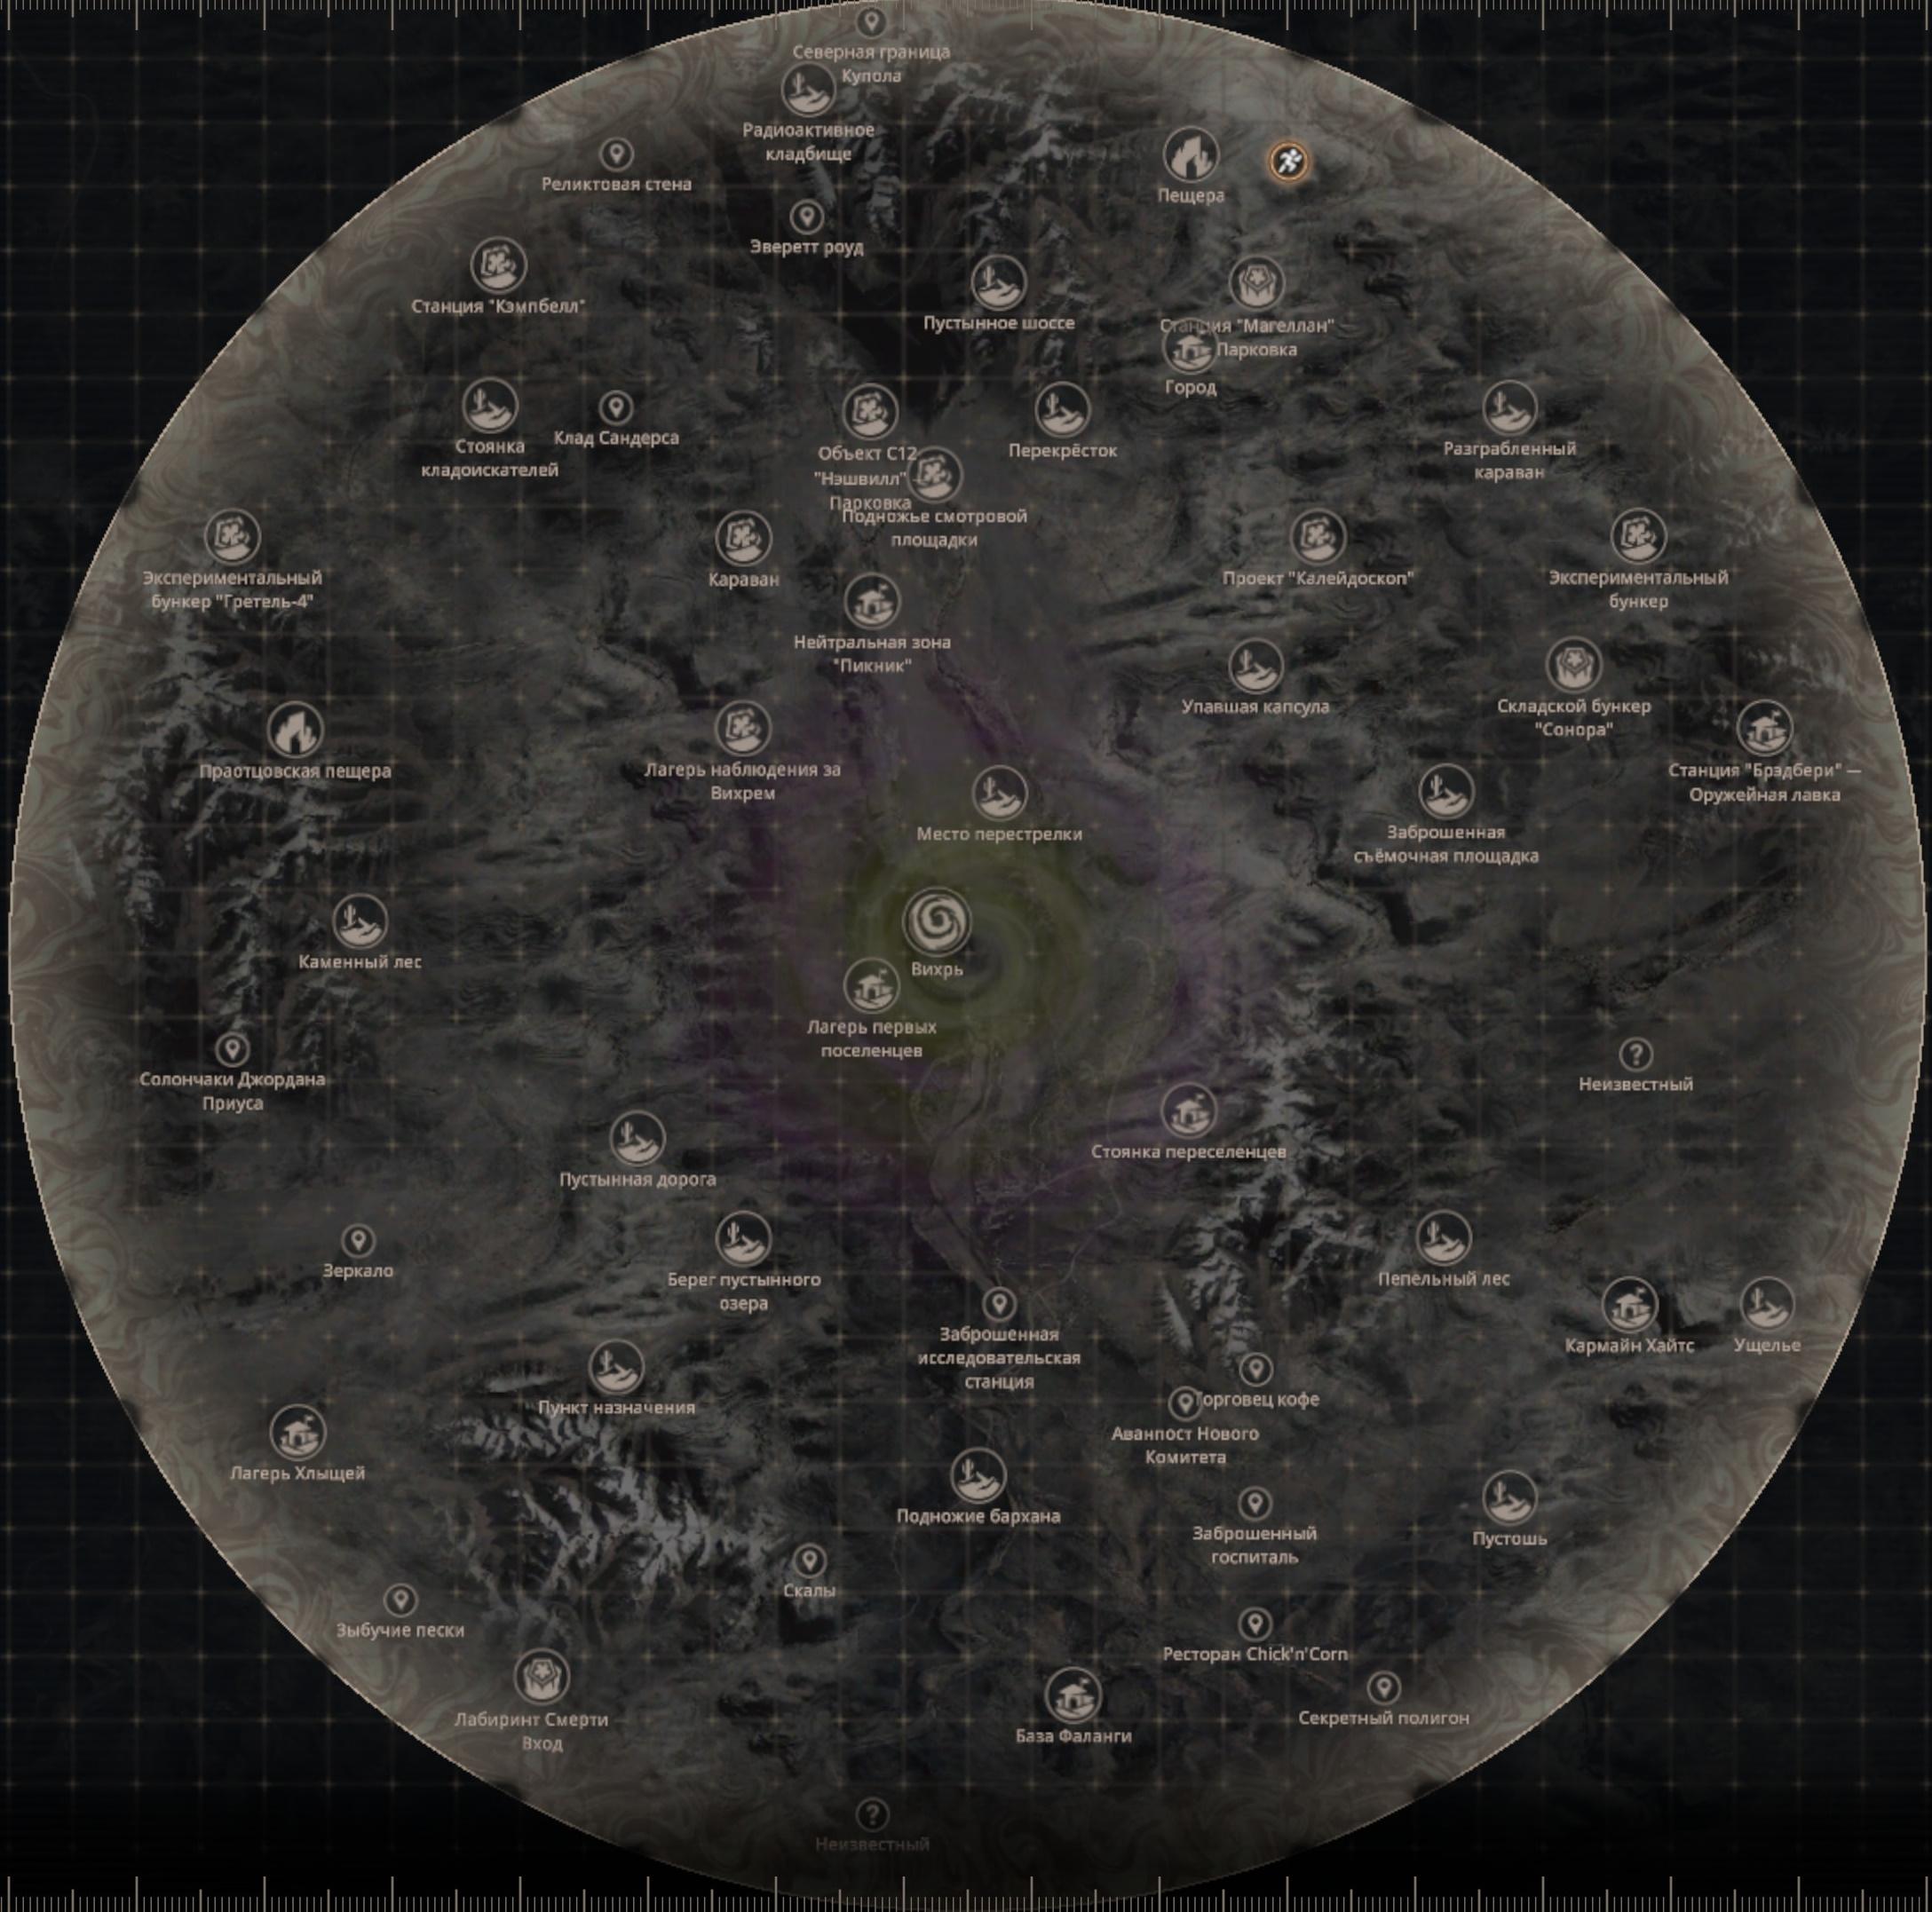 Карта мира игры Encased. Встреченные локации и города - Encased